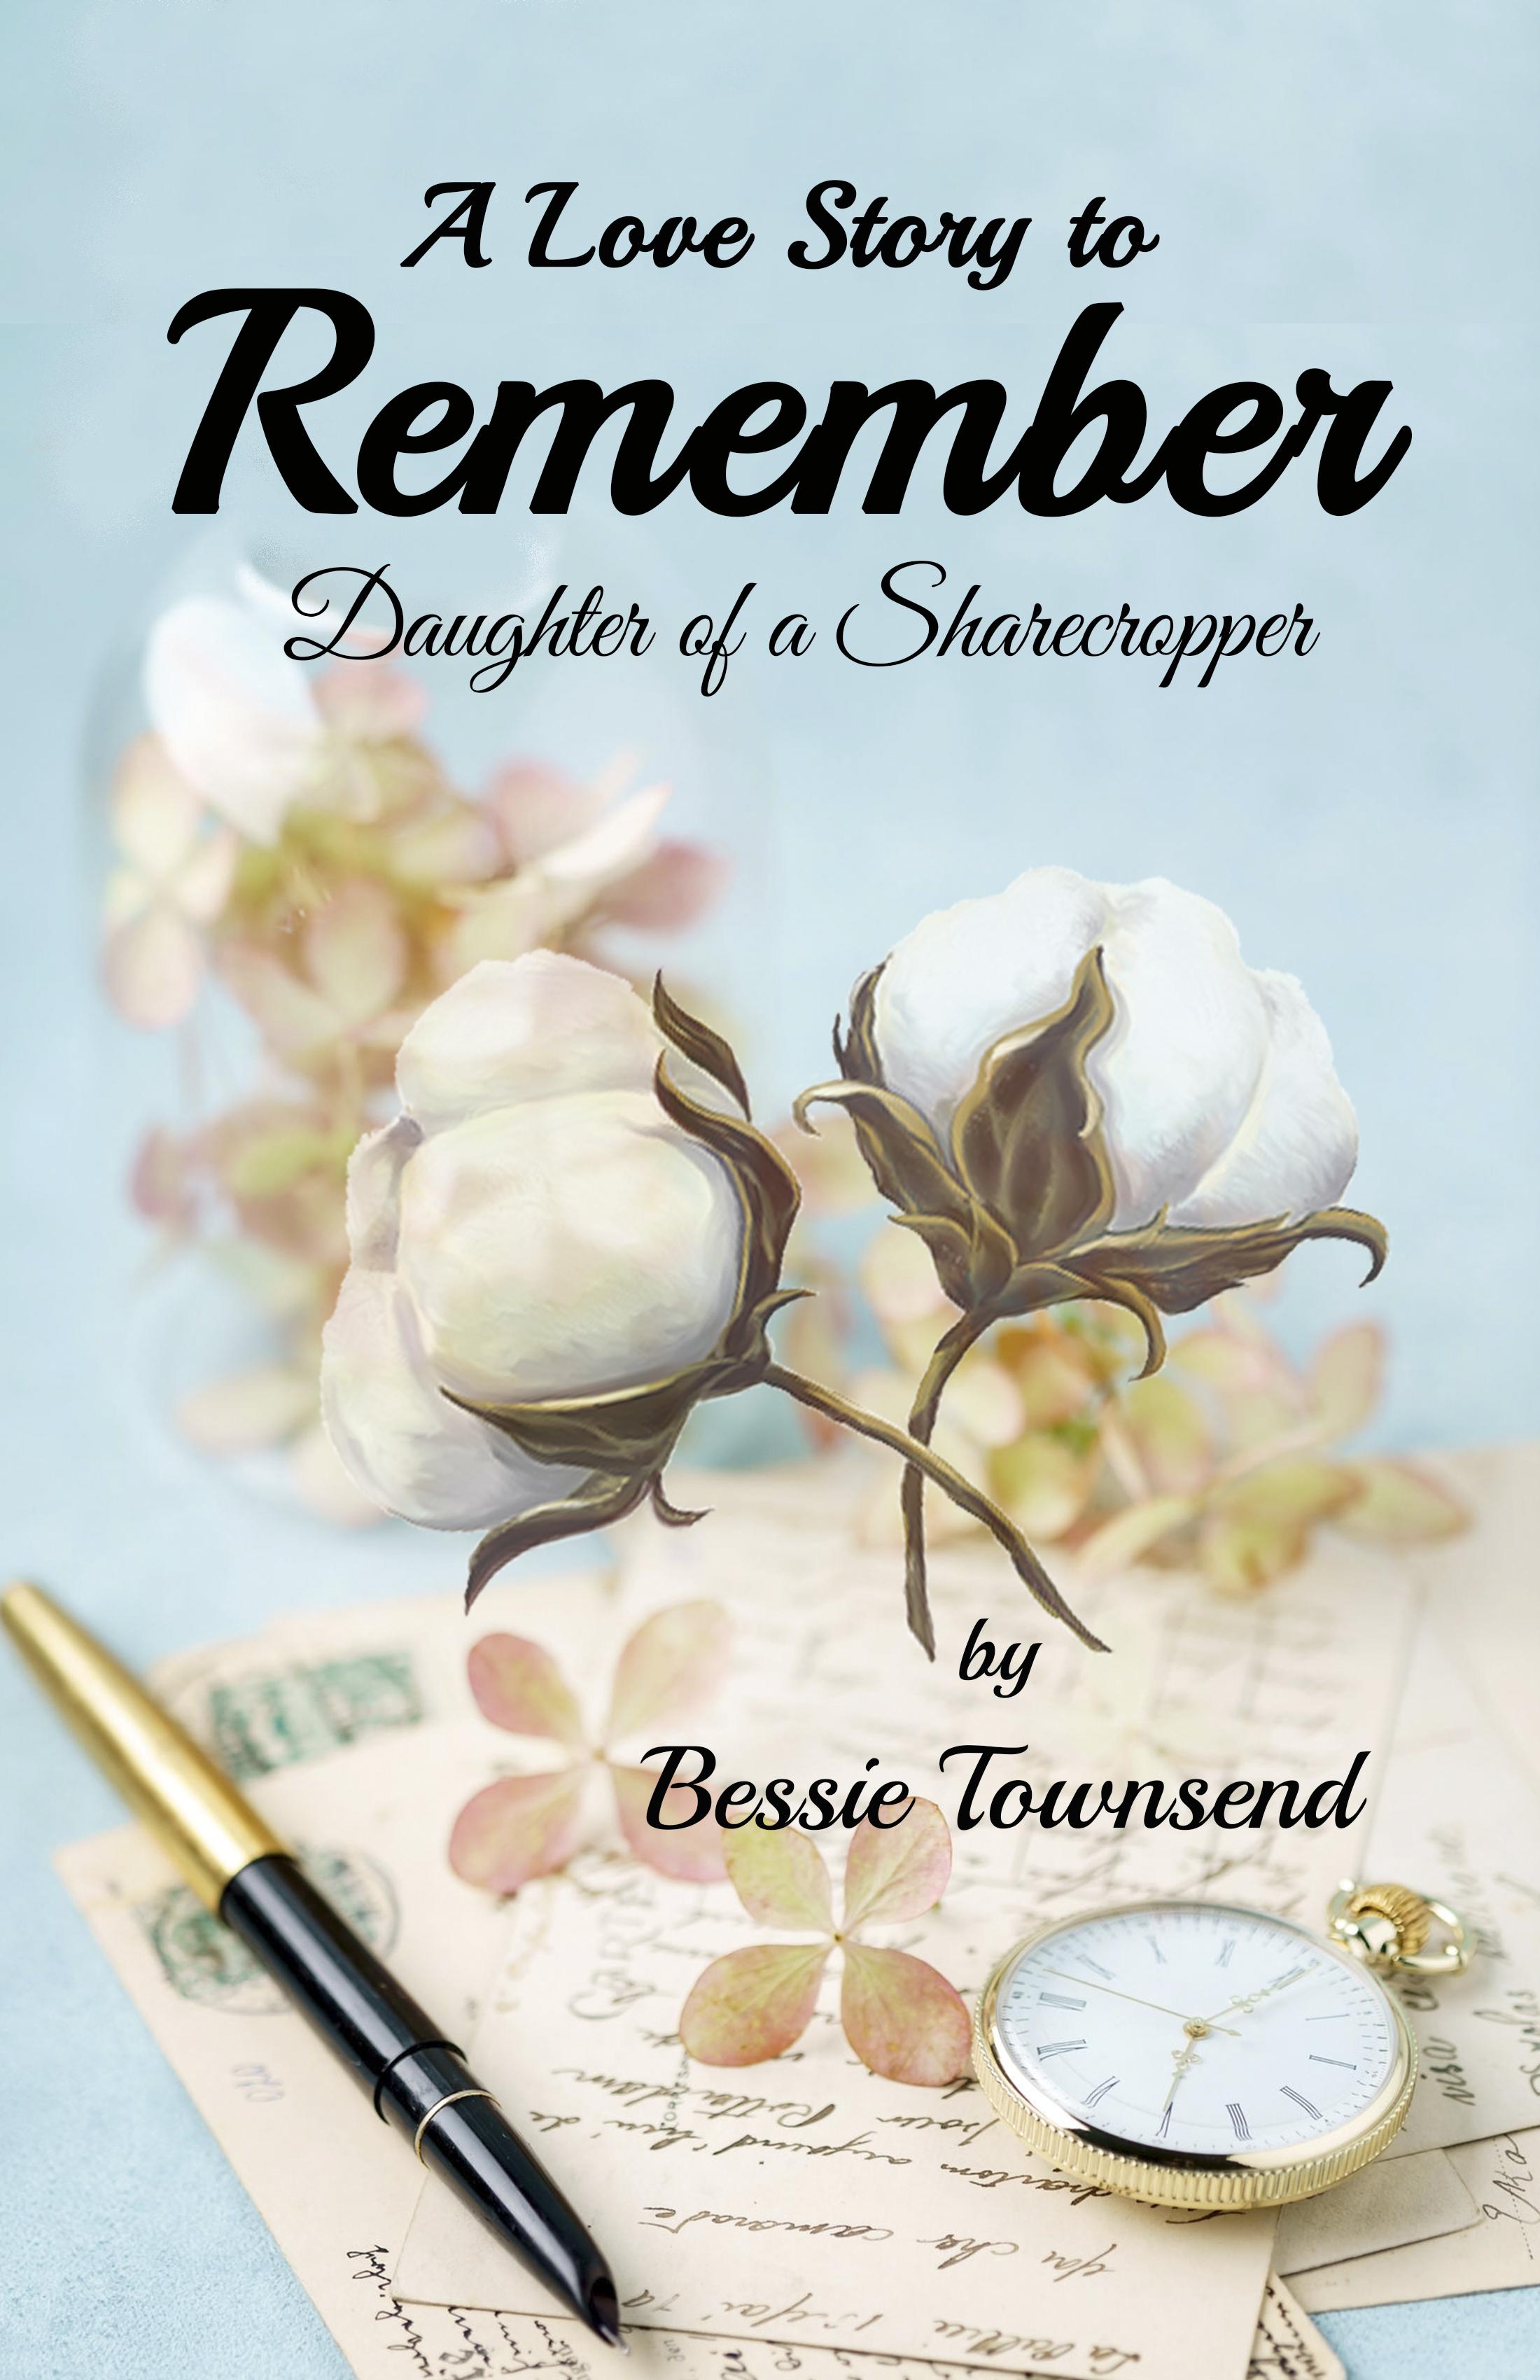 Bessie Townsend